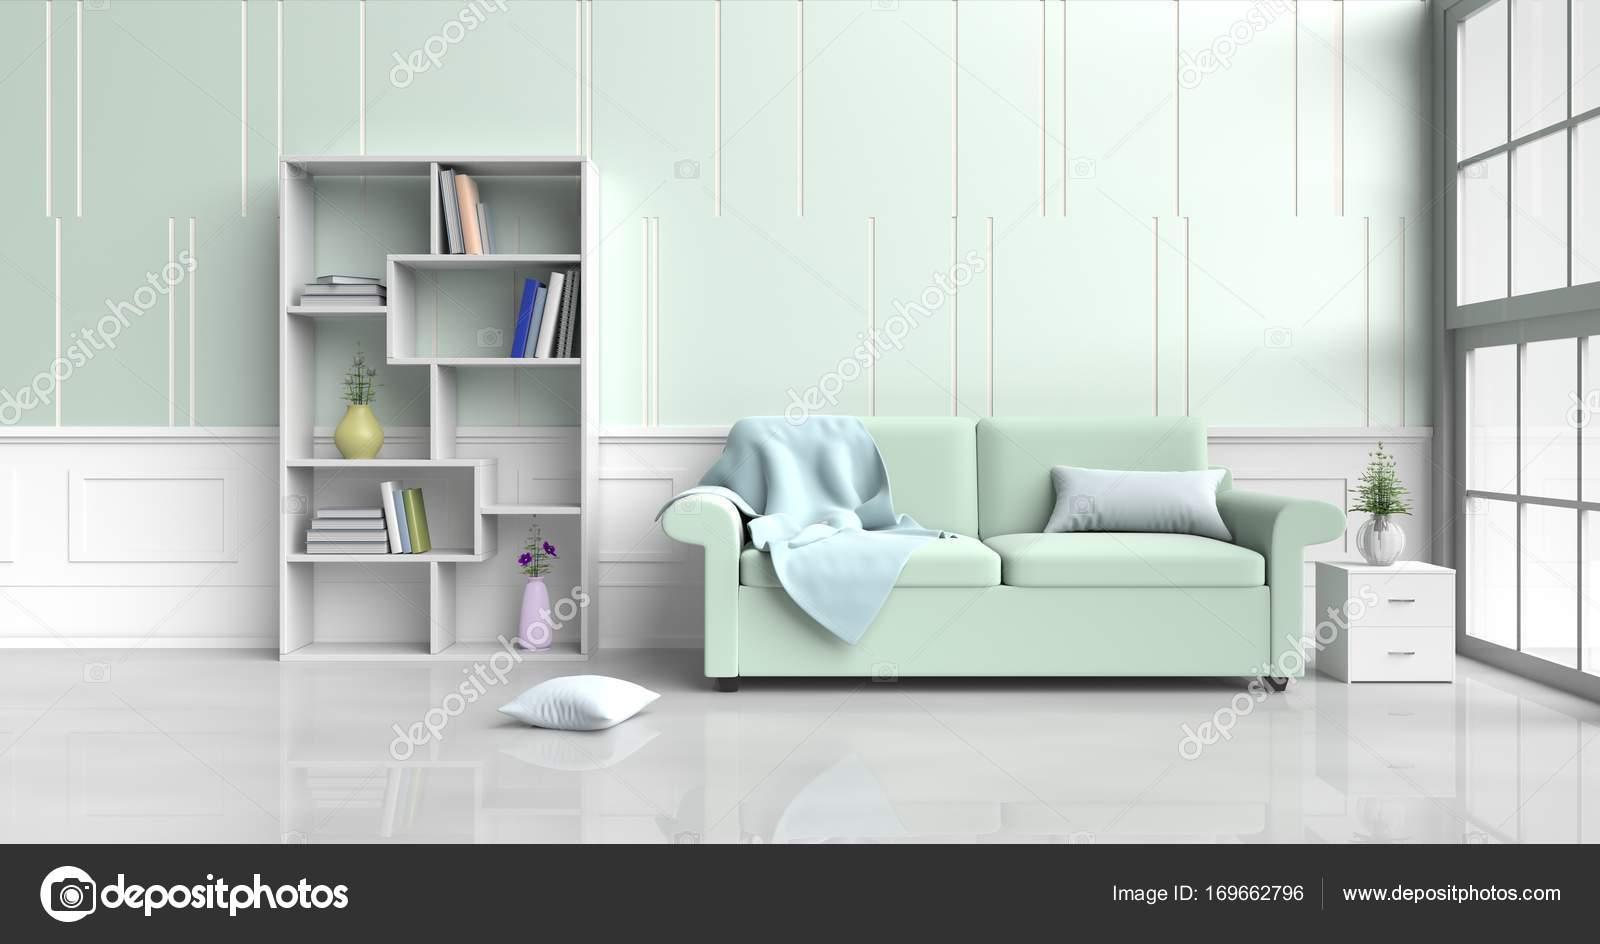 Weiß Grüne Zimmer Dekoriert Mit Grünen Sofa, Baum In Glasvase, Kissen, Holz  Nachttisch, Bücherregal, Blaue Decke, Fenster, Grün   Weißem Zement Wand Es  Ist ...